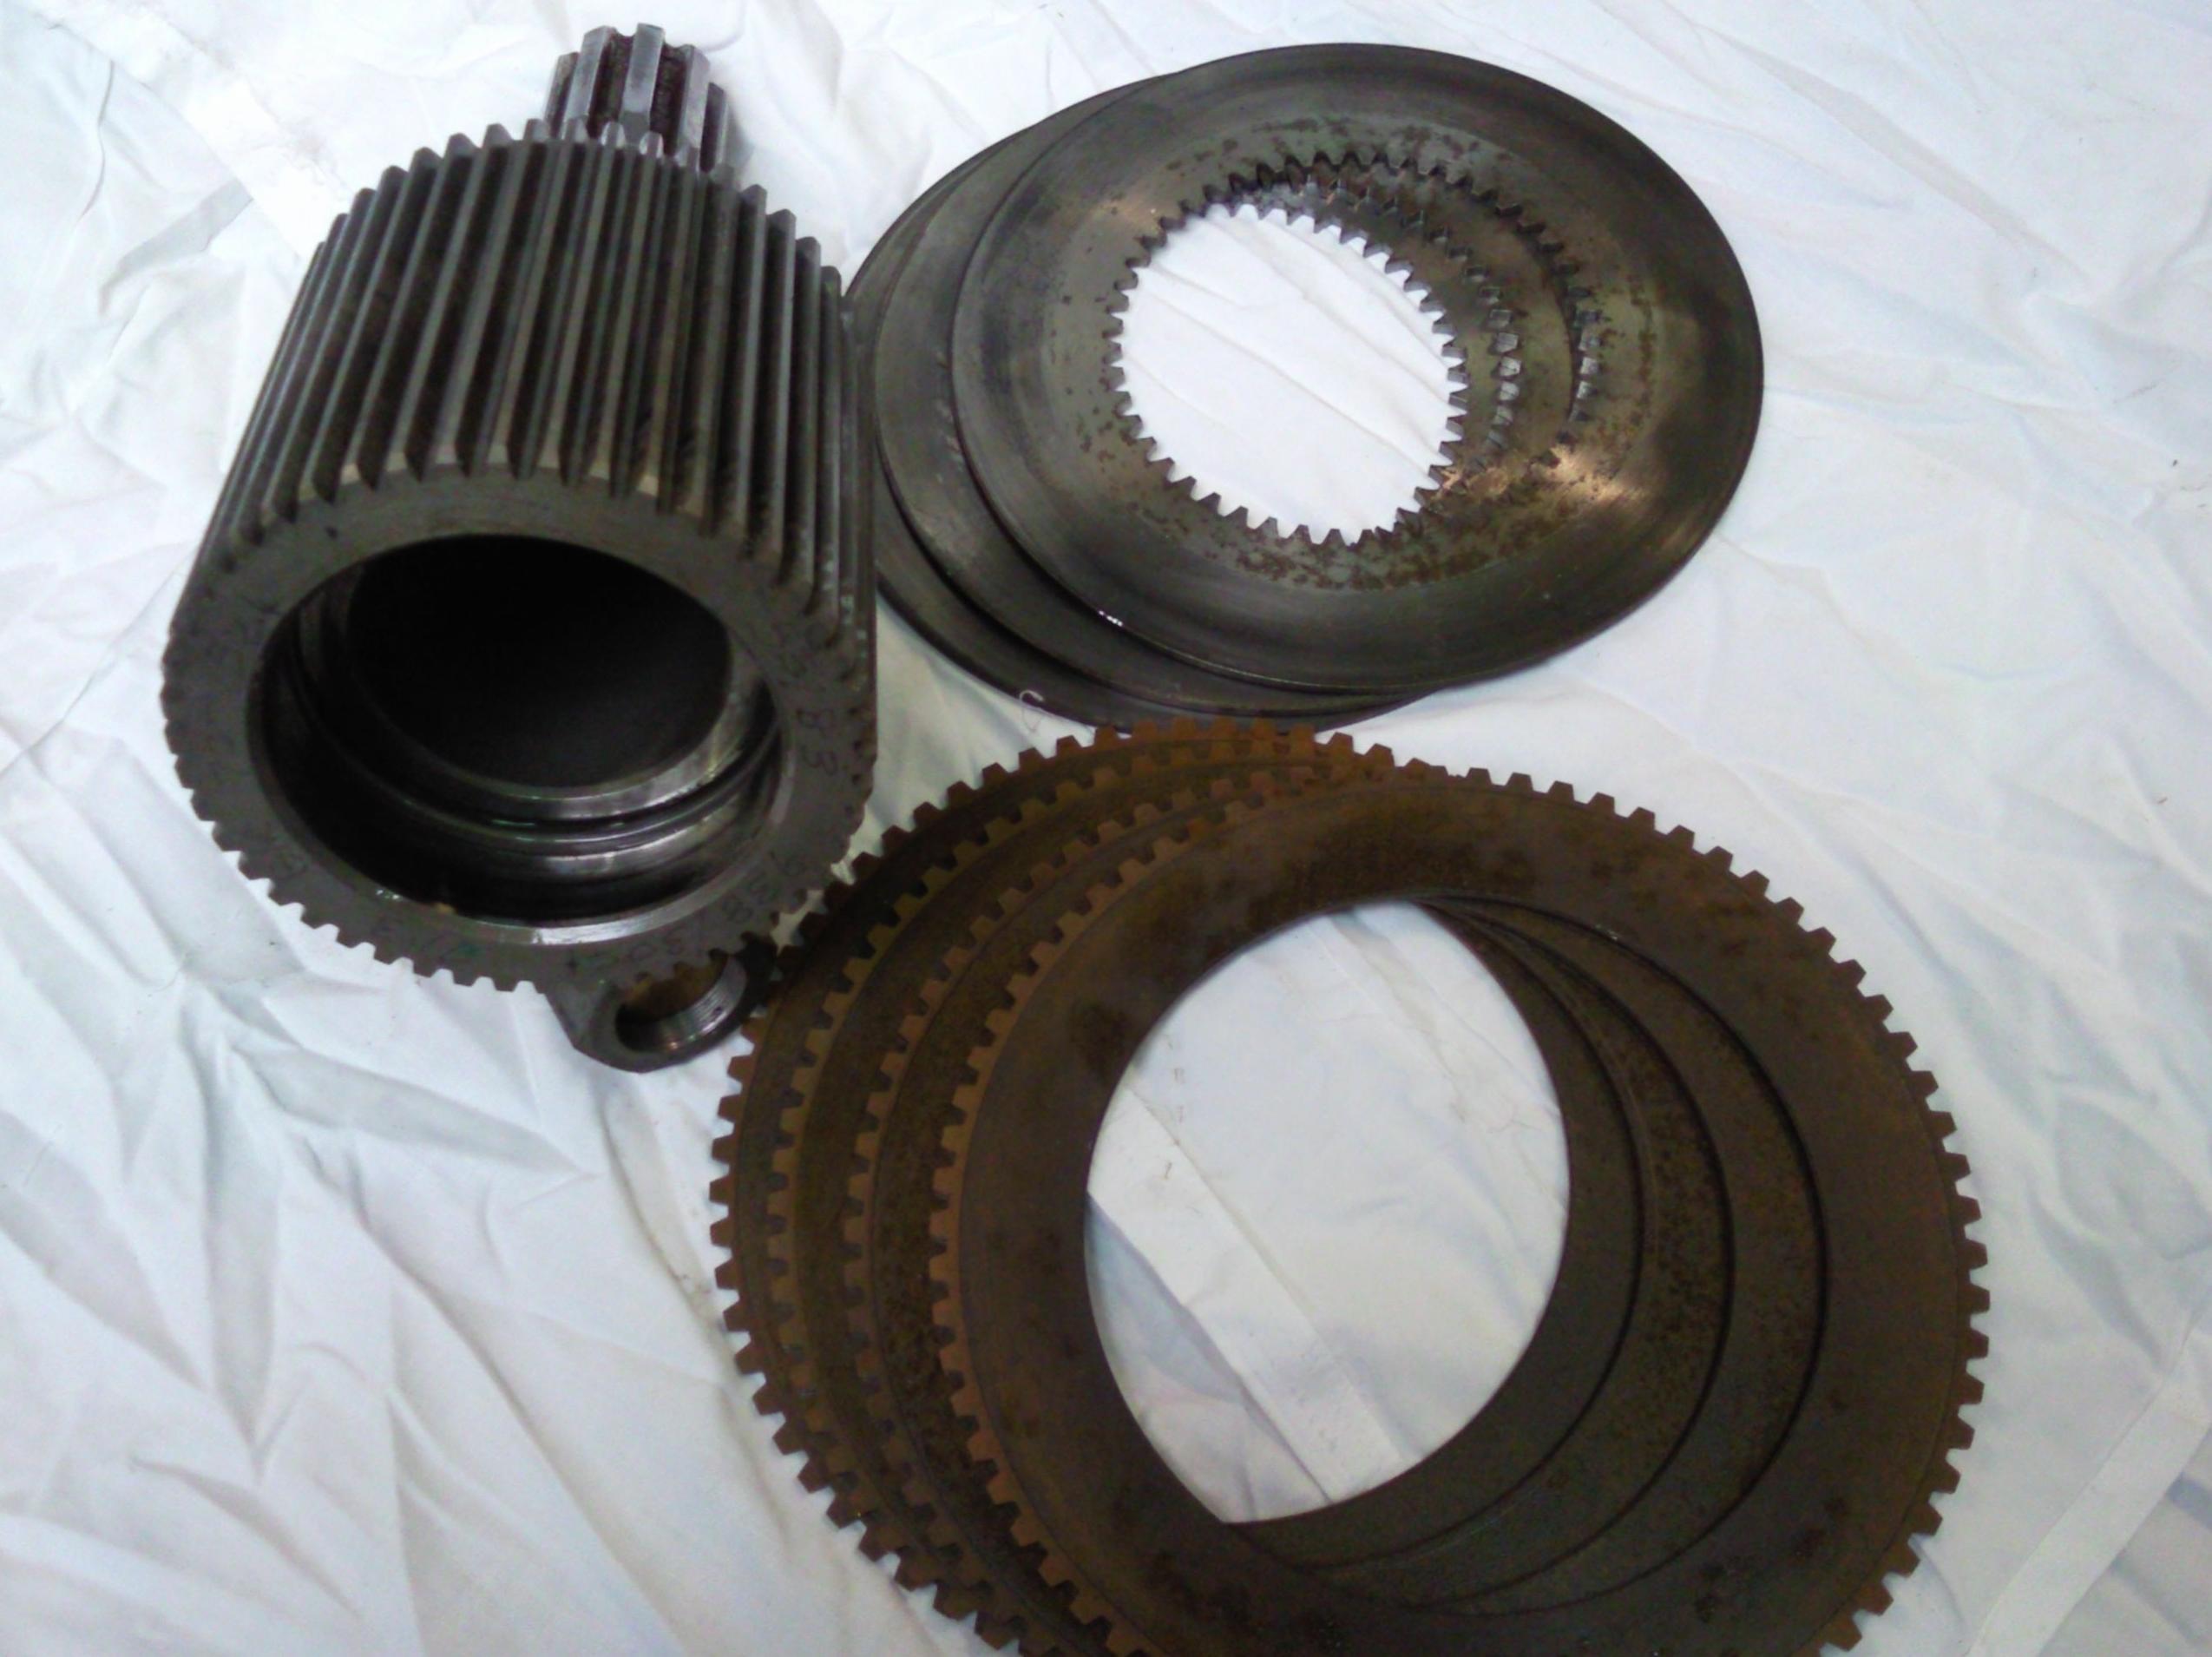 Fabricación de coronas y guías de discos. Tratamientos térmicos